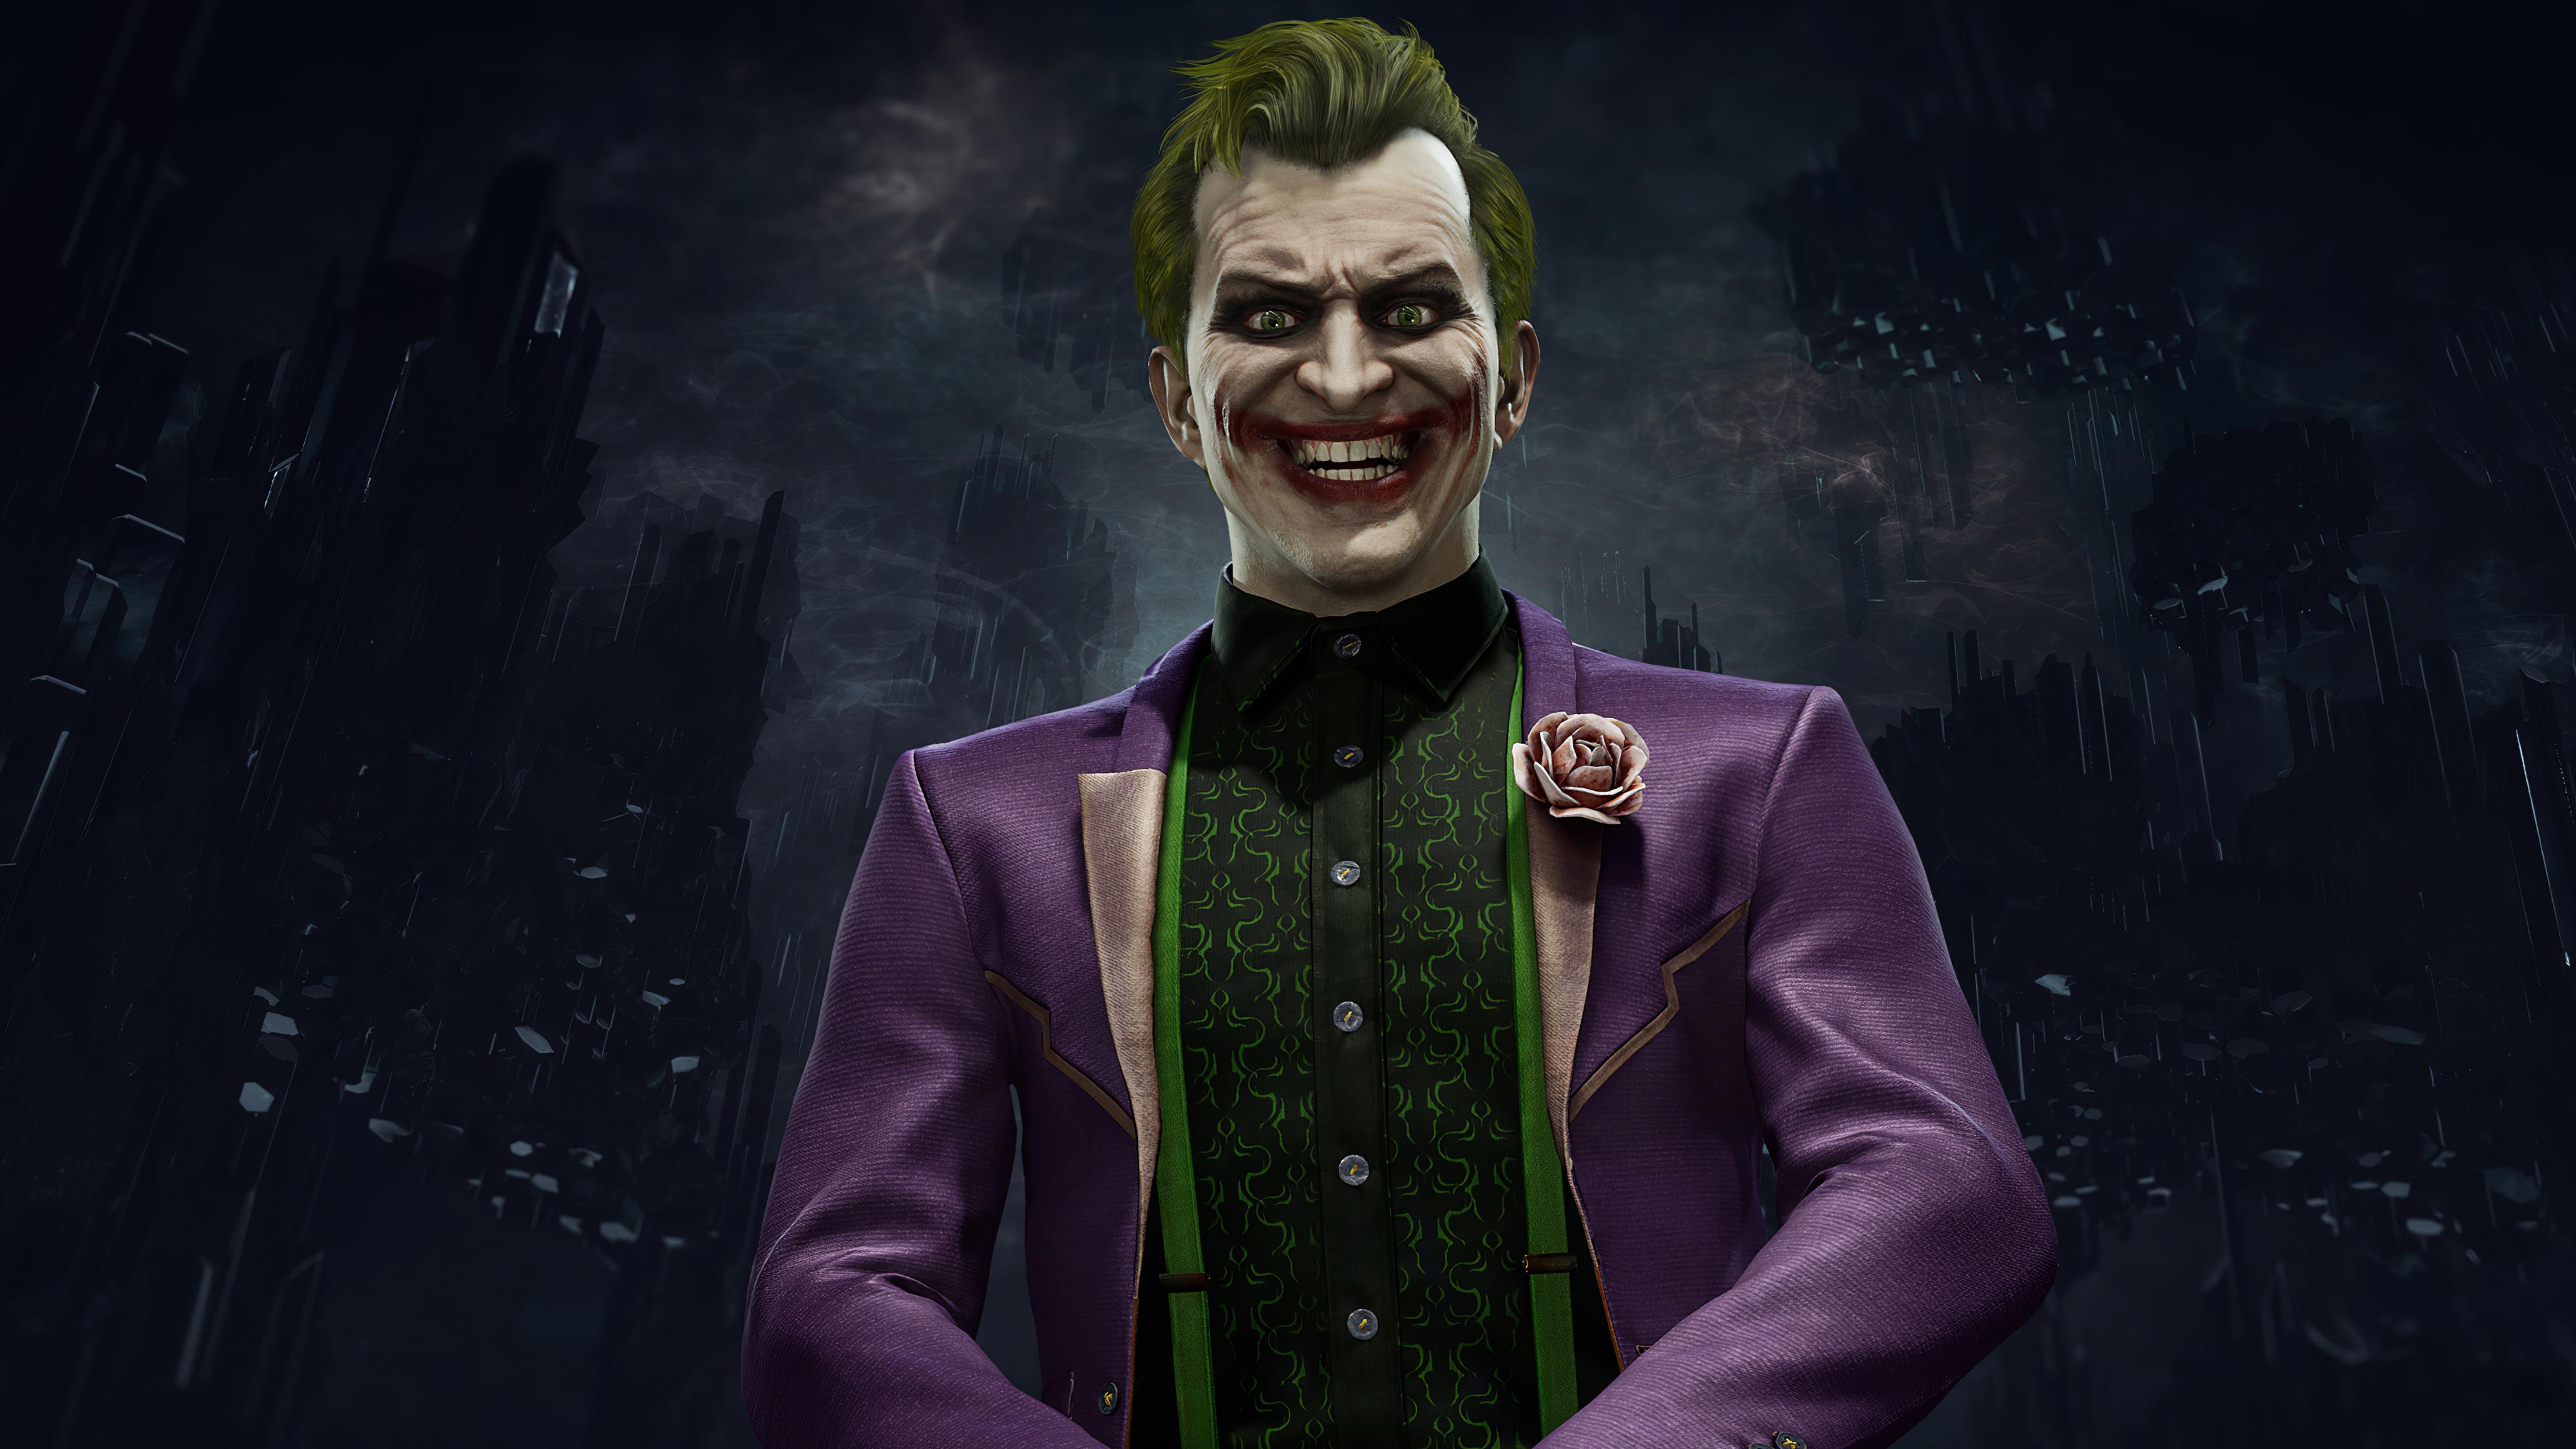 Wallpaper 4k Joker In Mortal Kombat 11 2020 Joker In Mortal Kombat